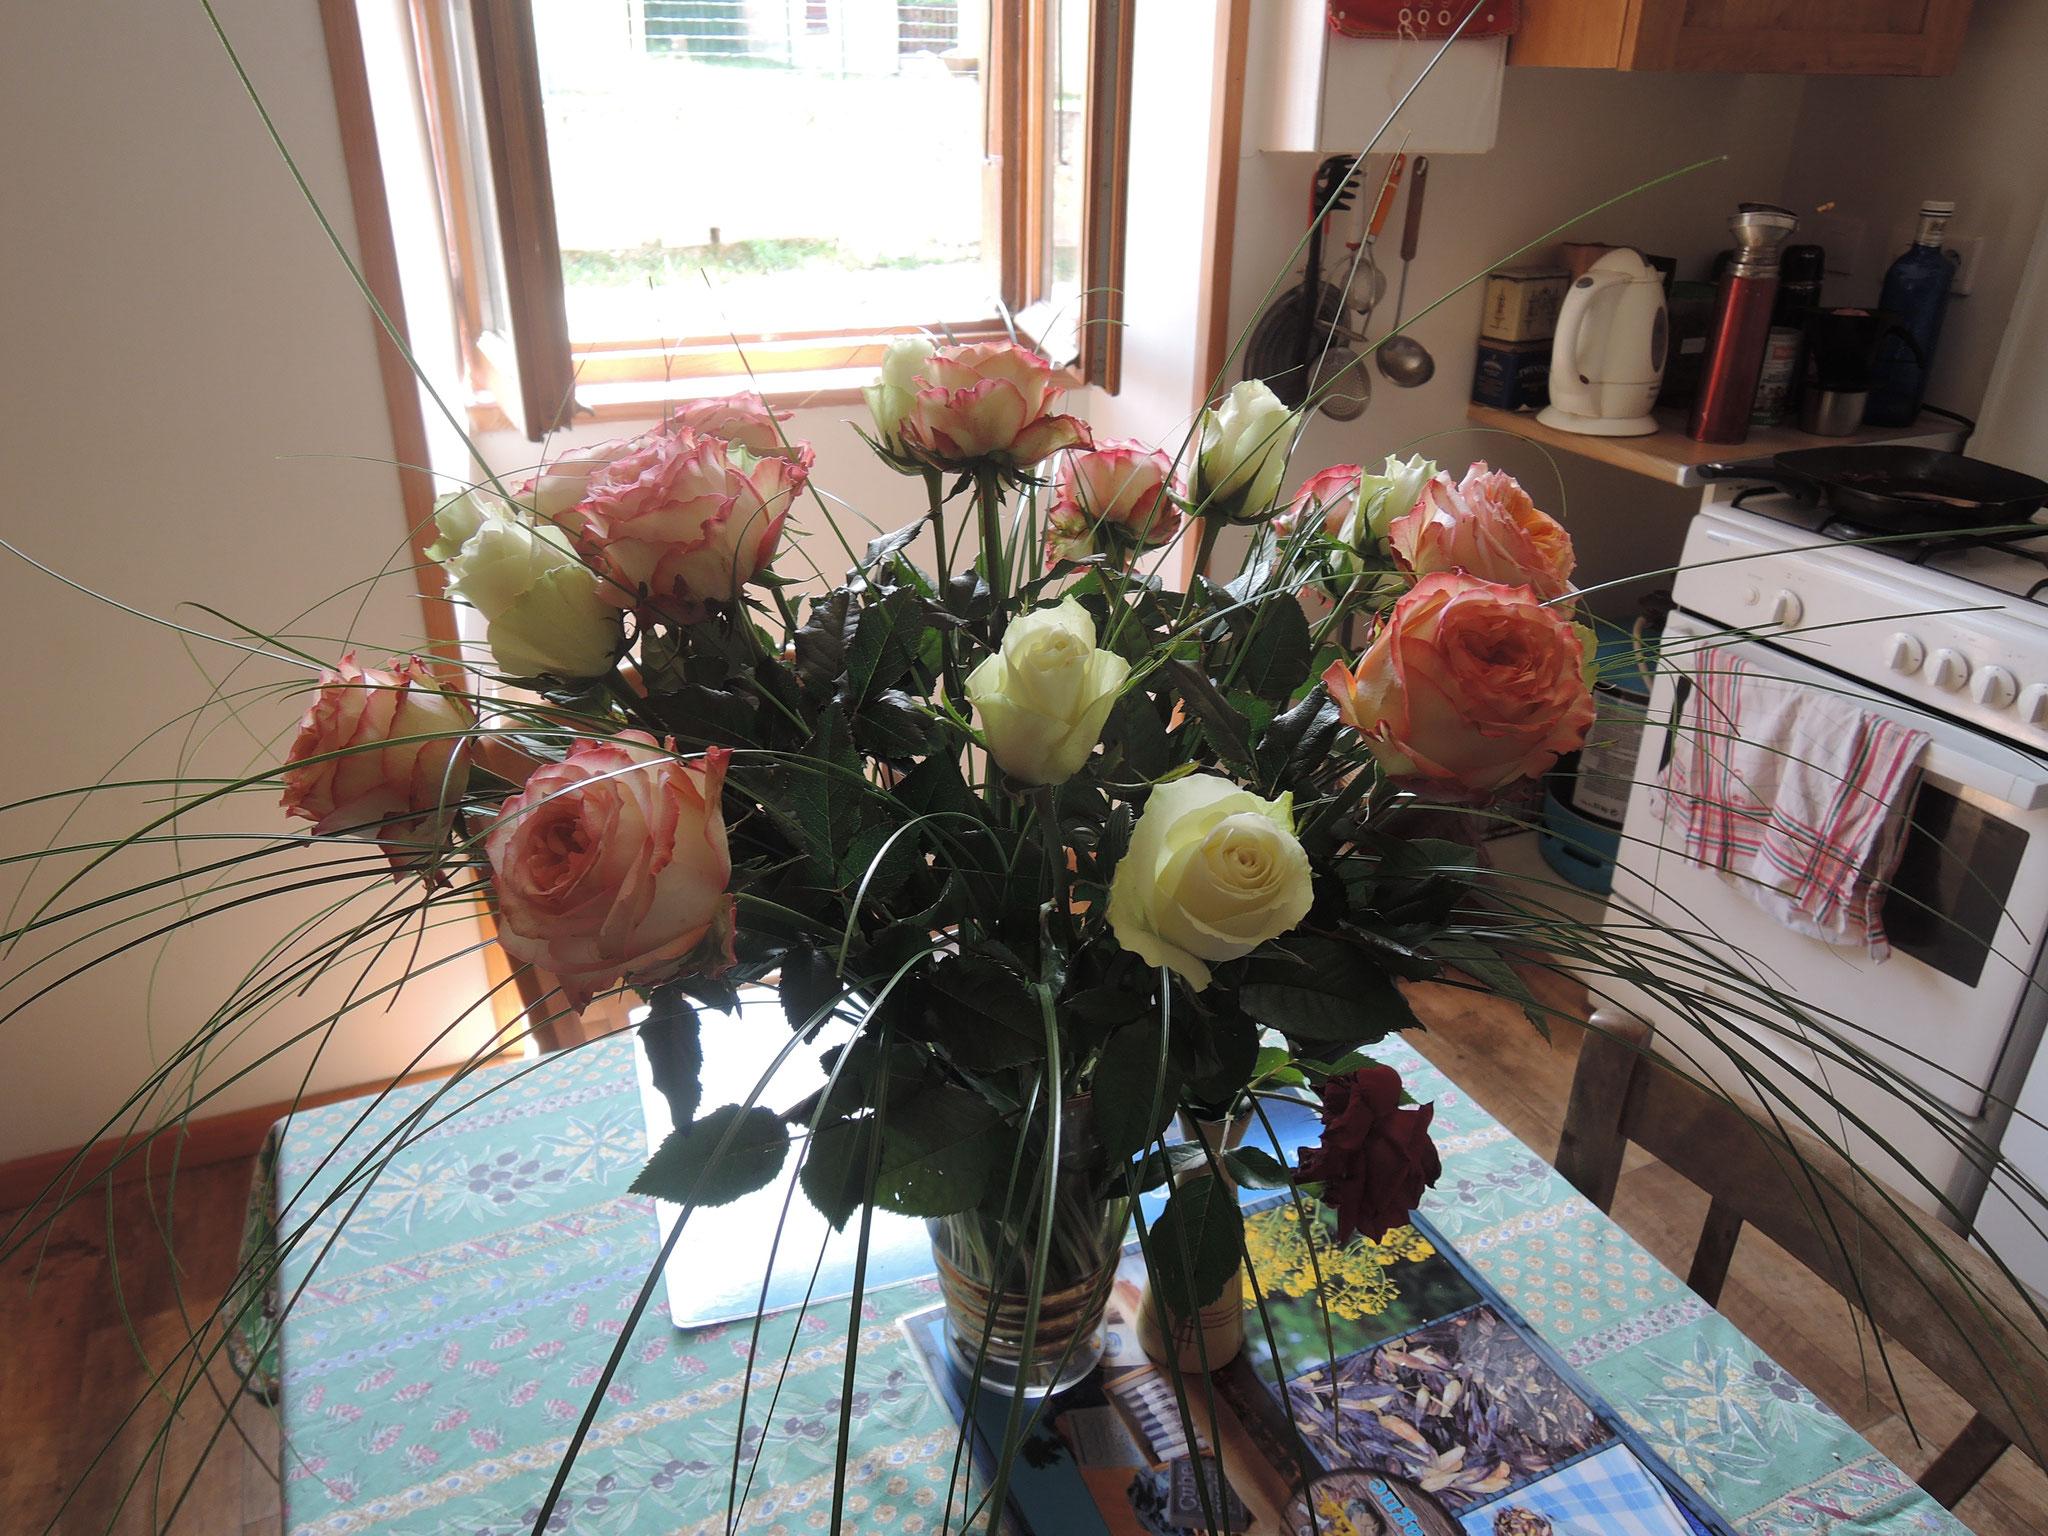 des roses offertes par mon dernier groupe pour me remercier d'un séjour en Pays Cathare très apprécié! Geschichts- und Kulturkreis Neuenburg am Rhein e.V- 79379 Müllheim, Allemagne